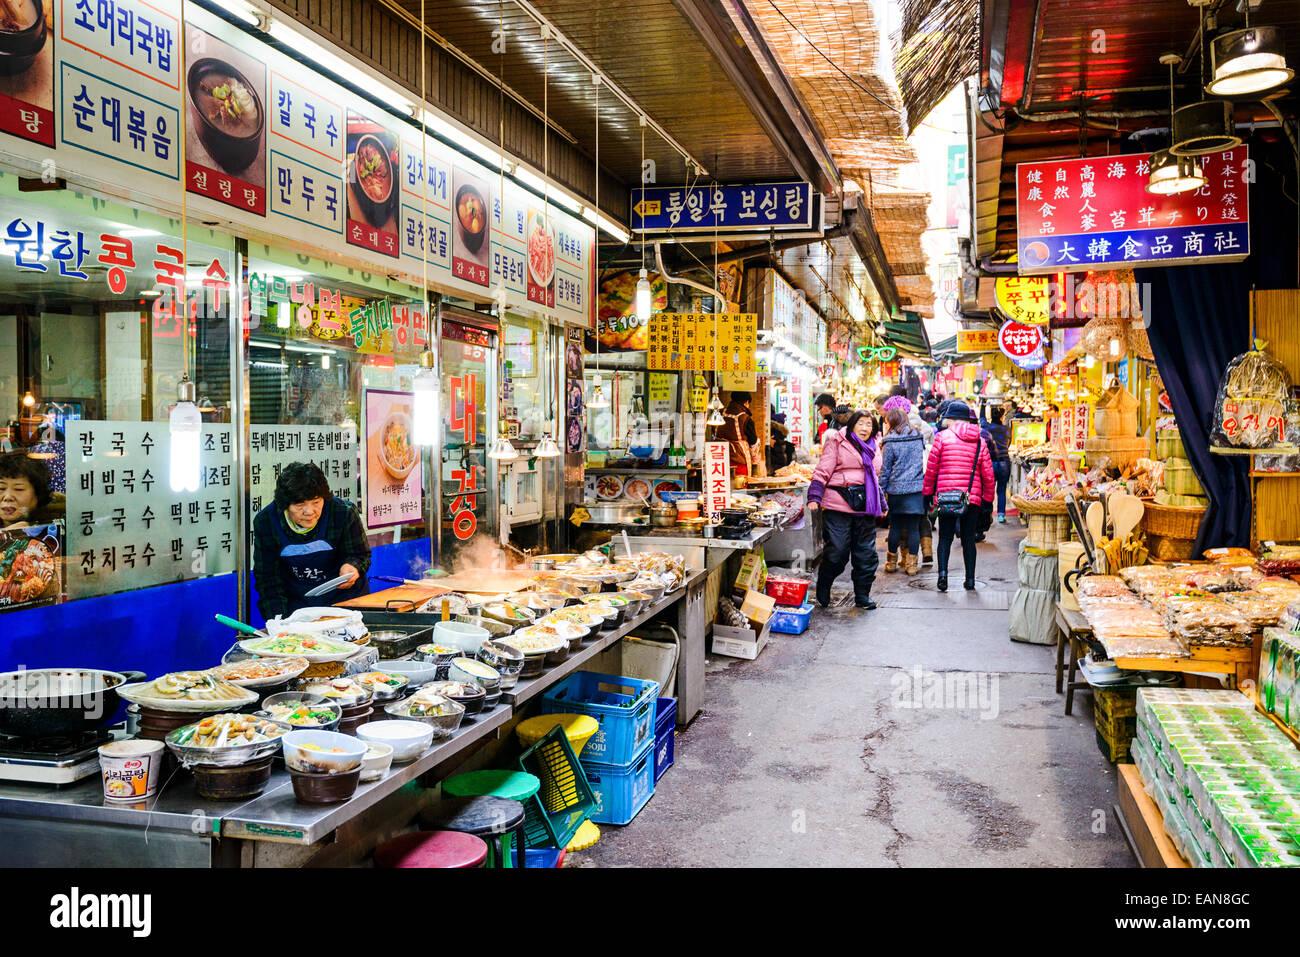 Shopper durchlaufen Dongdaemun Markt. Der Markt ist ein beliebtes Ziel für Einkaufsmöglichkeiten und Sehenswürdigkeiten. Stockbild